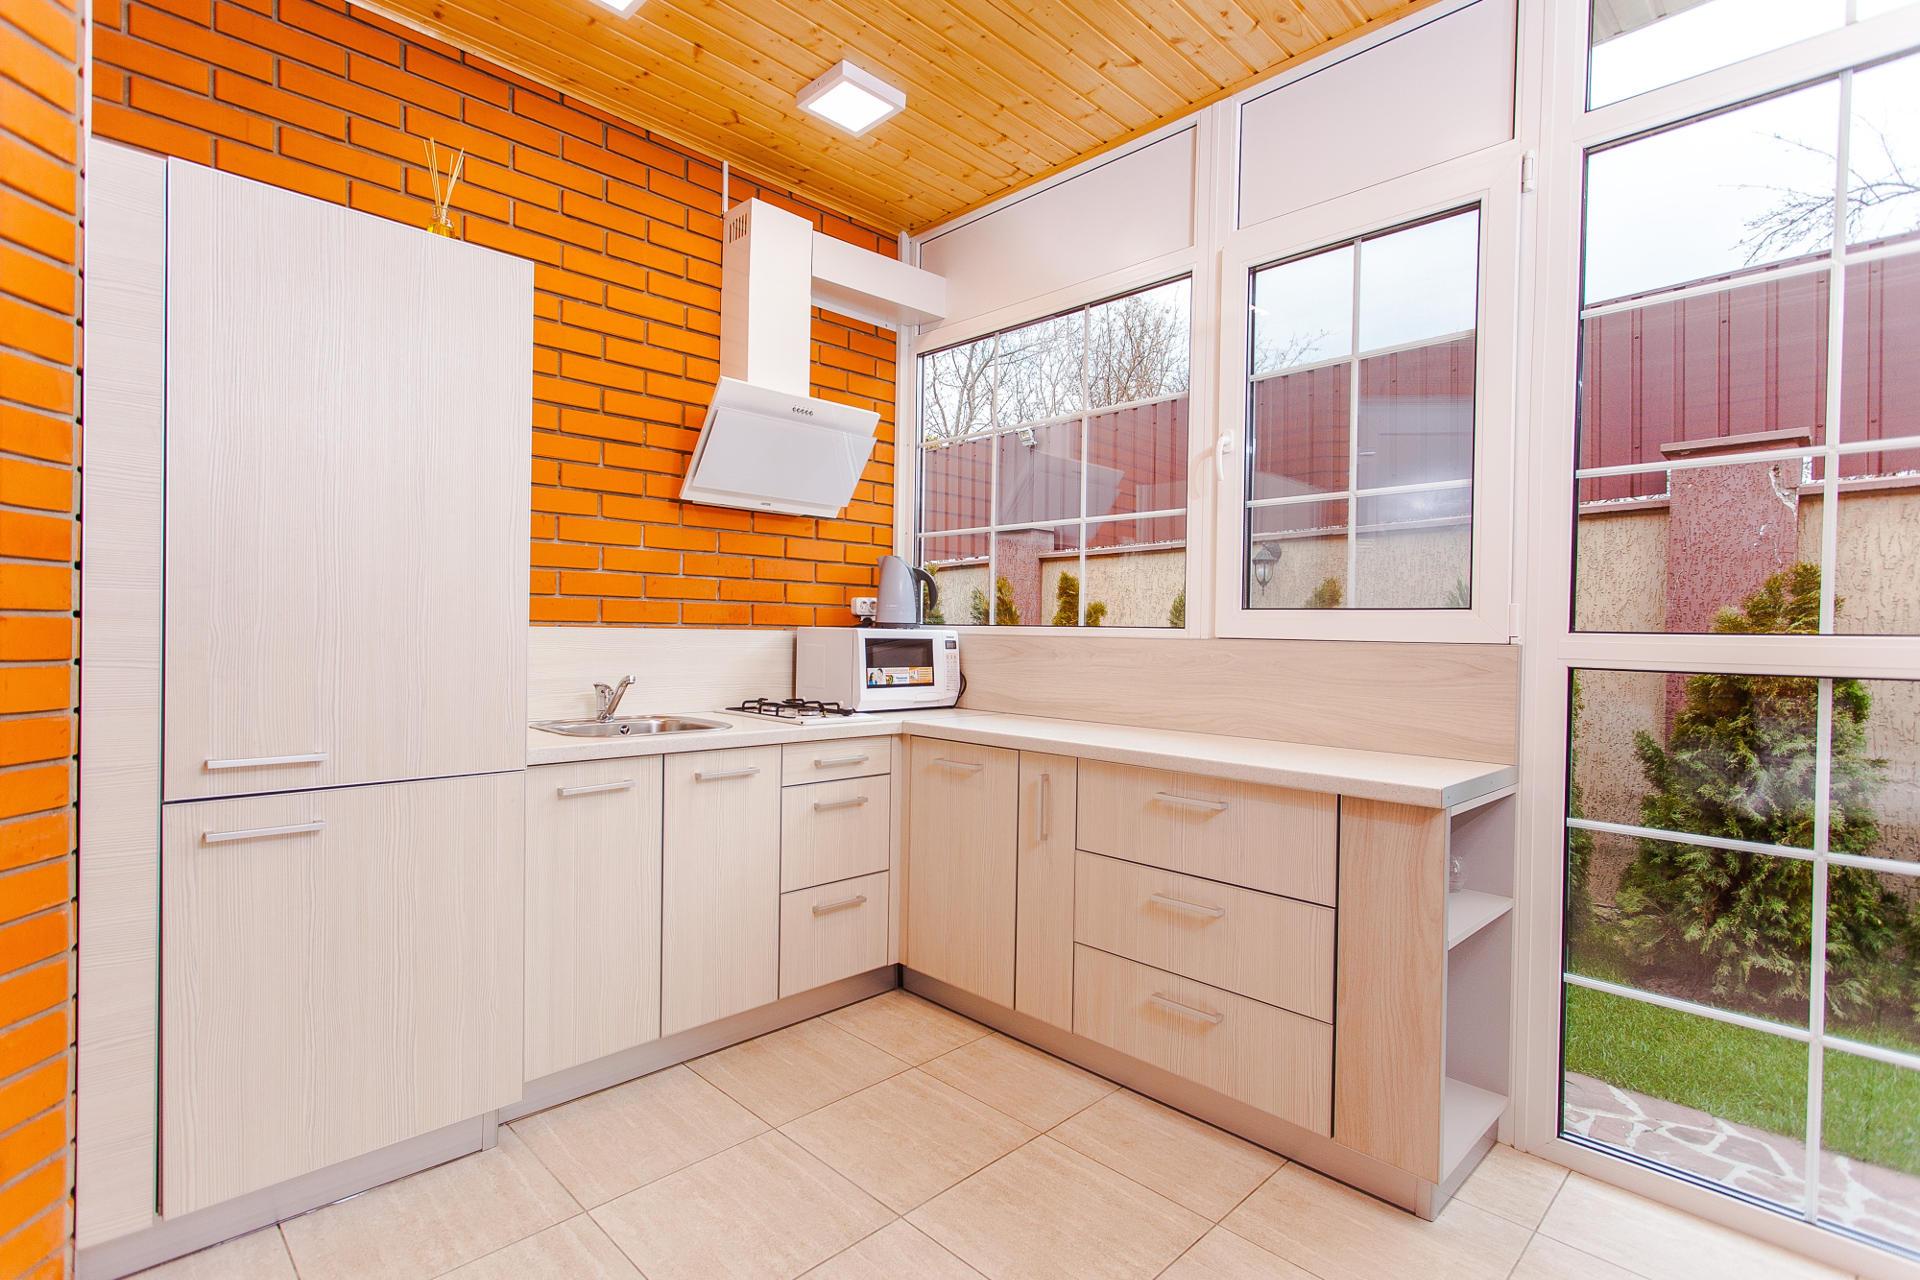 parkiet-drewniany-w-kuchnii Parkiet w kuchni - Telefon: 609-370-990